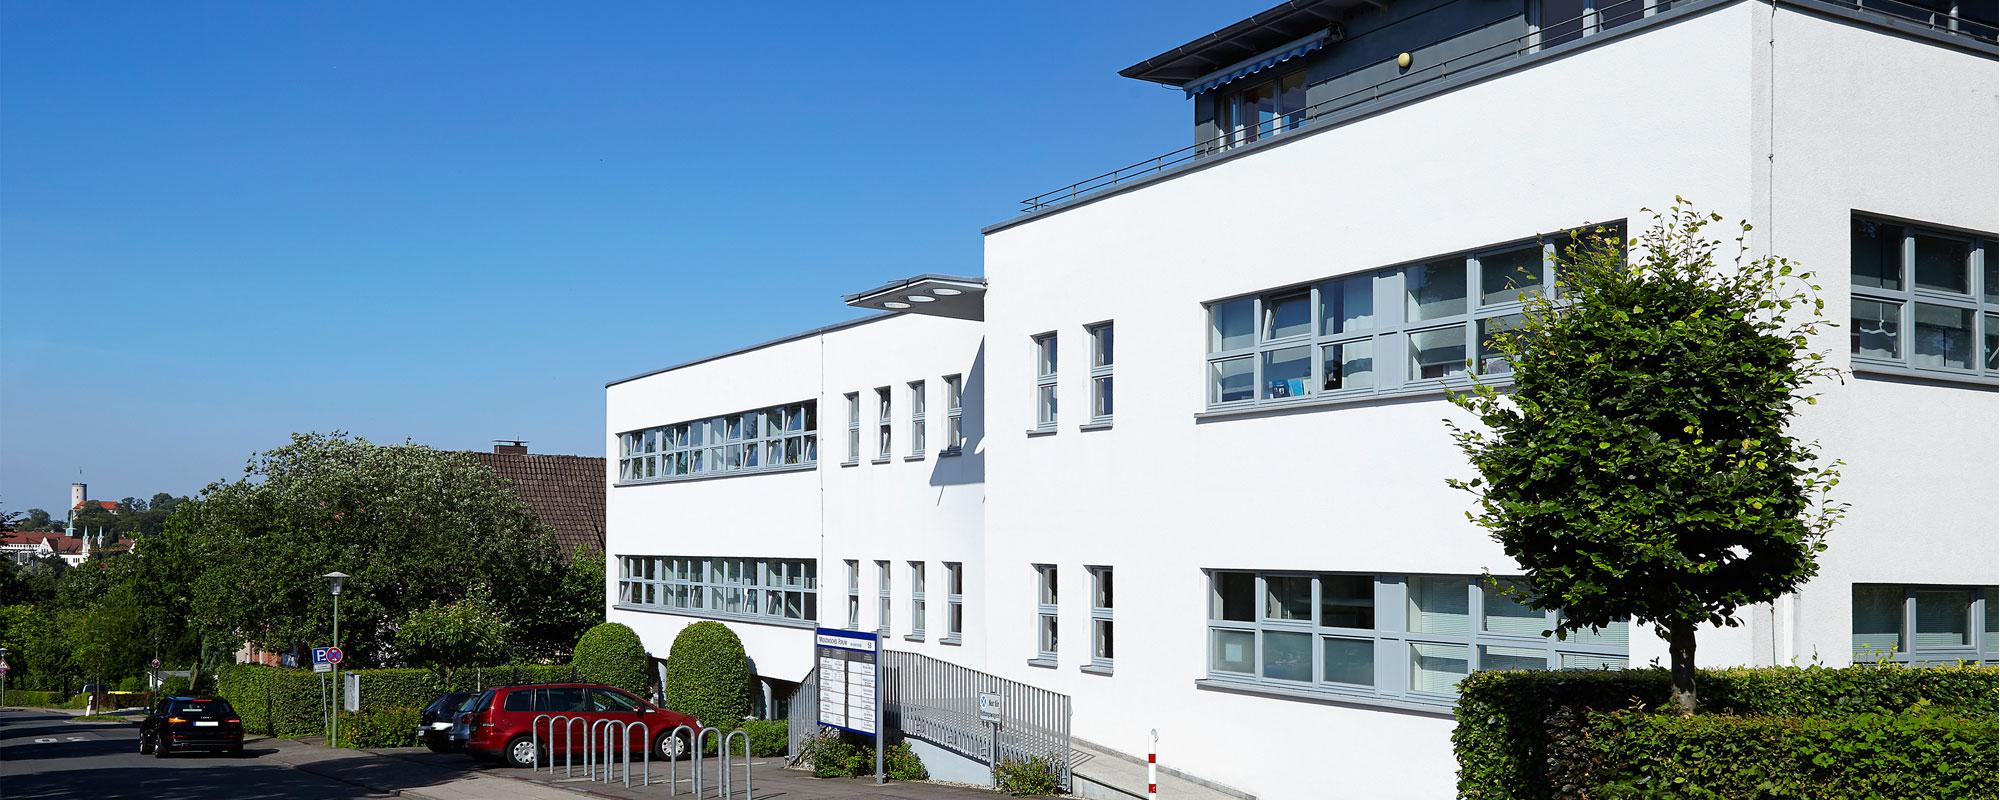 Herzlich willkommen auf den Internetseiten Ihrer <span>Zahnarztpraxis in Bielefeld</span>